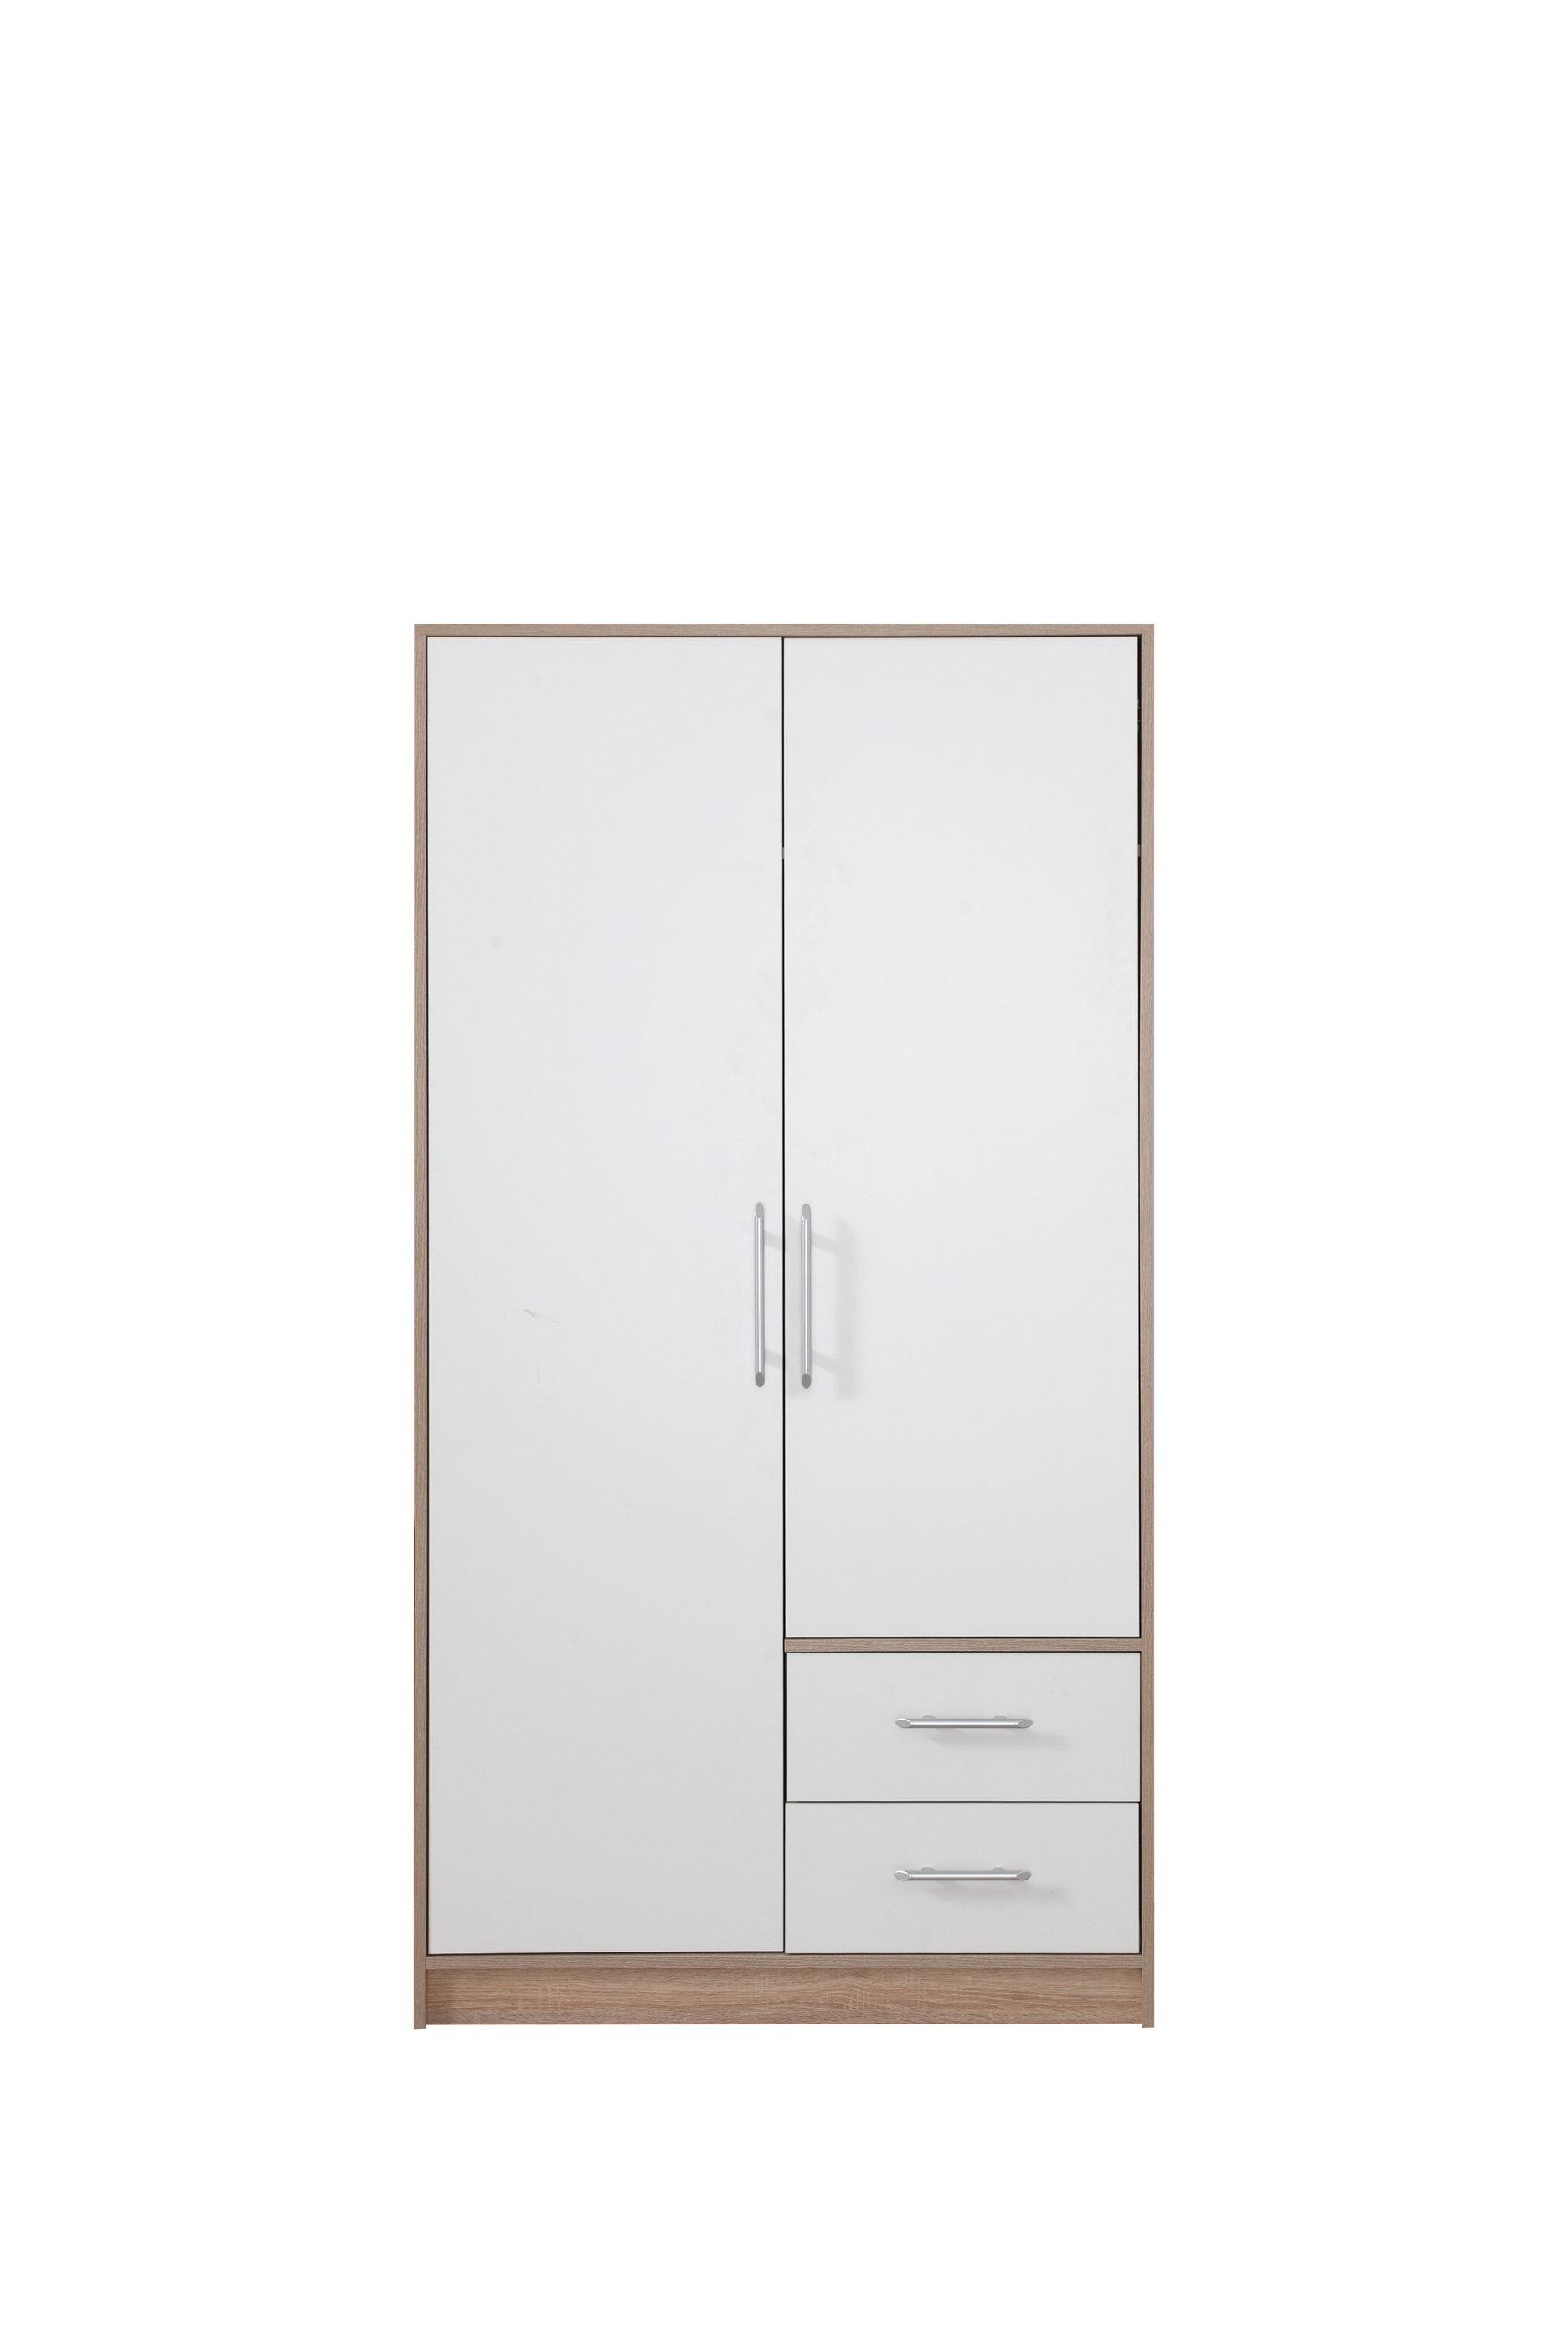 Meblar Šatní skříň SMART SR3 Meblar 100/190/56